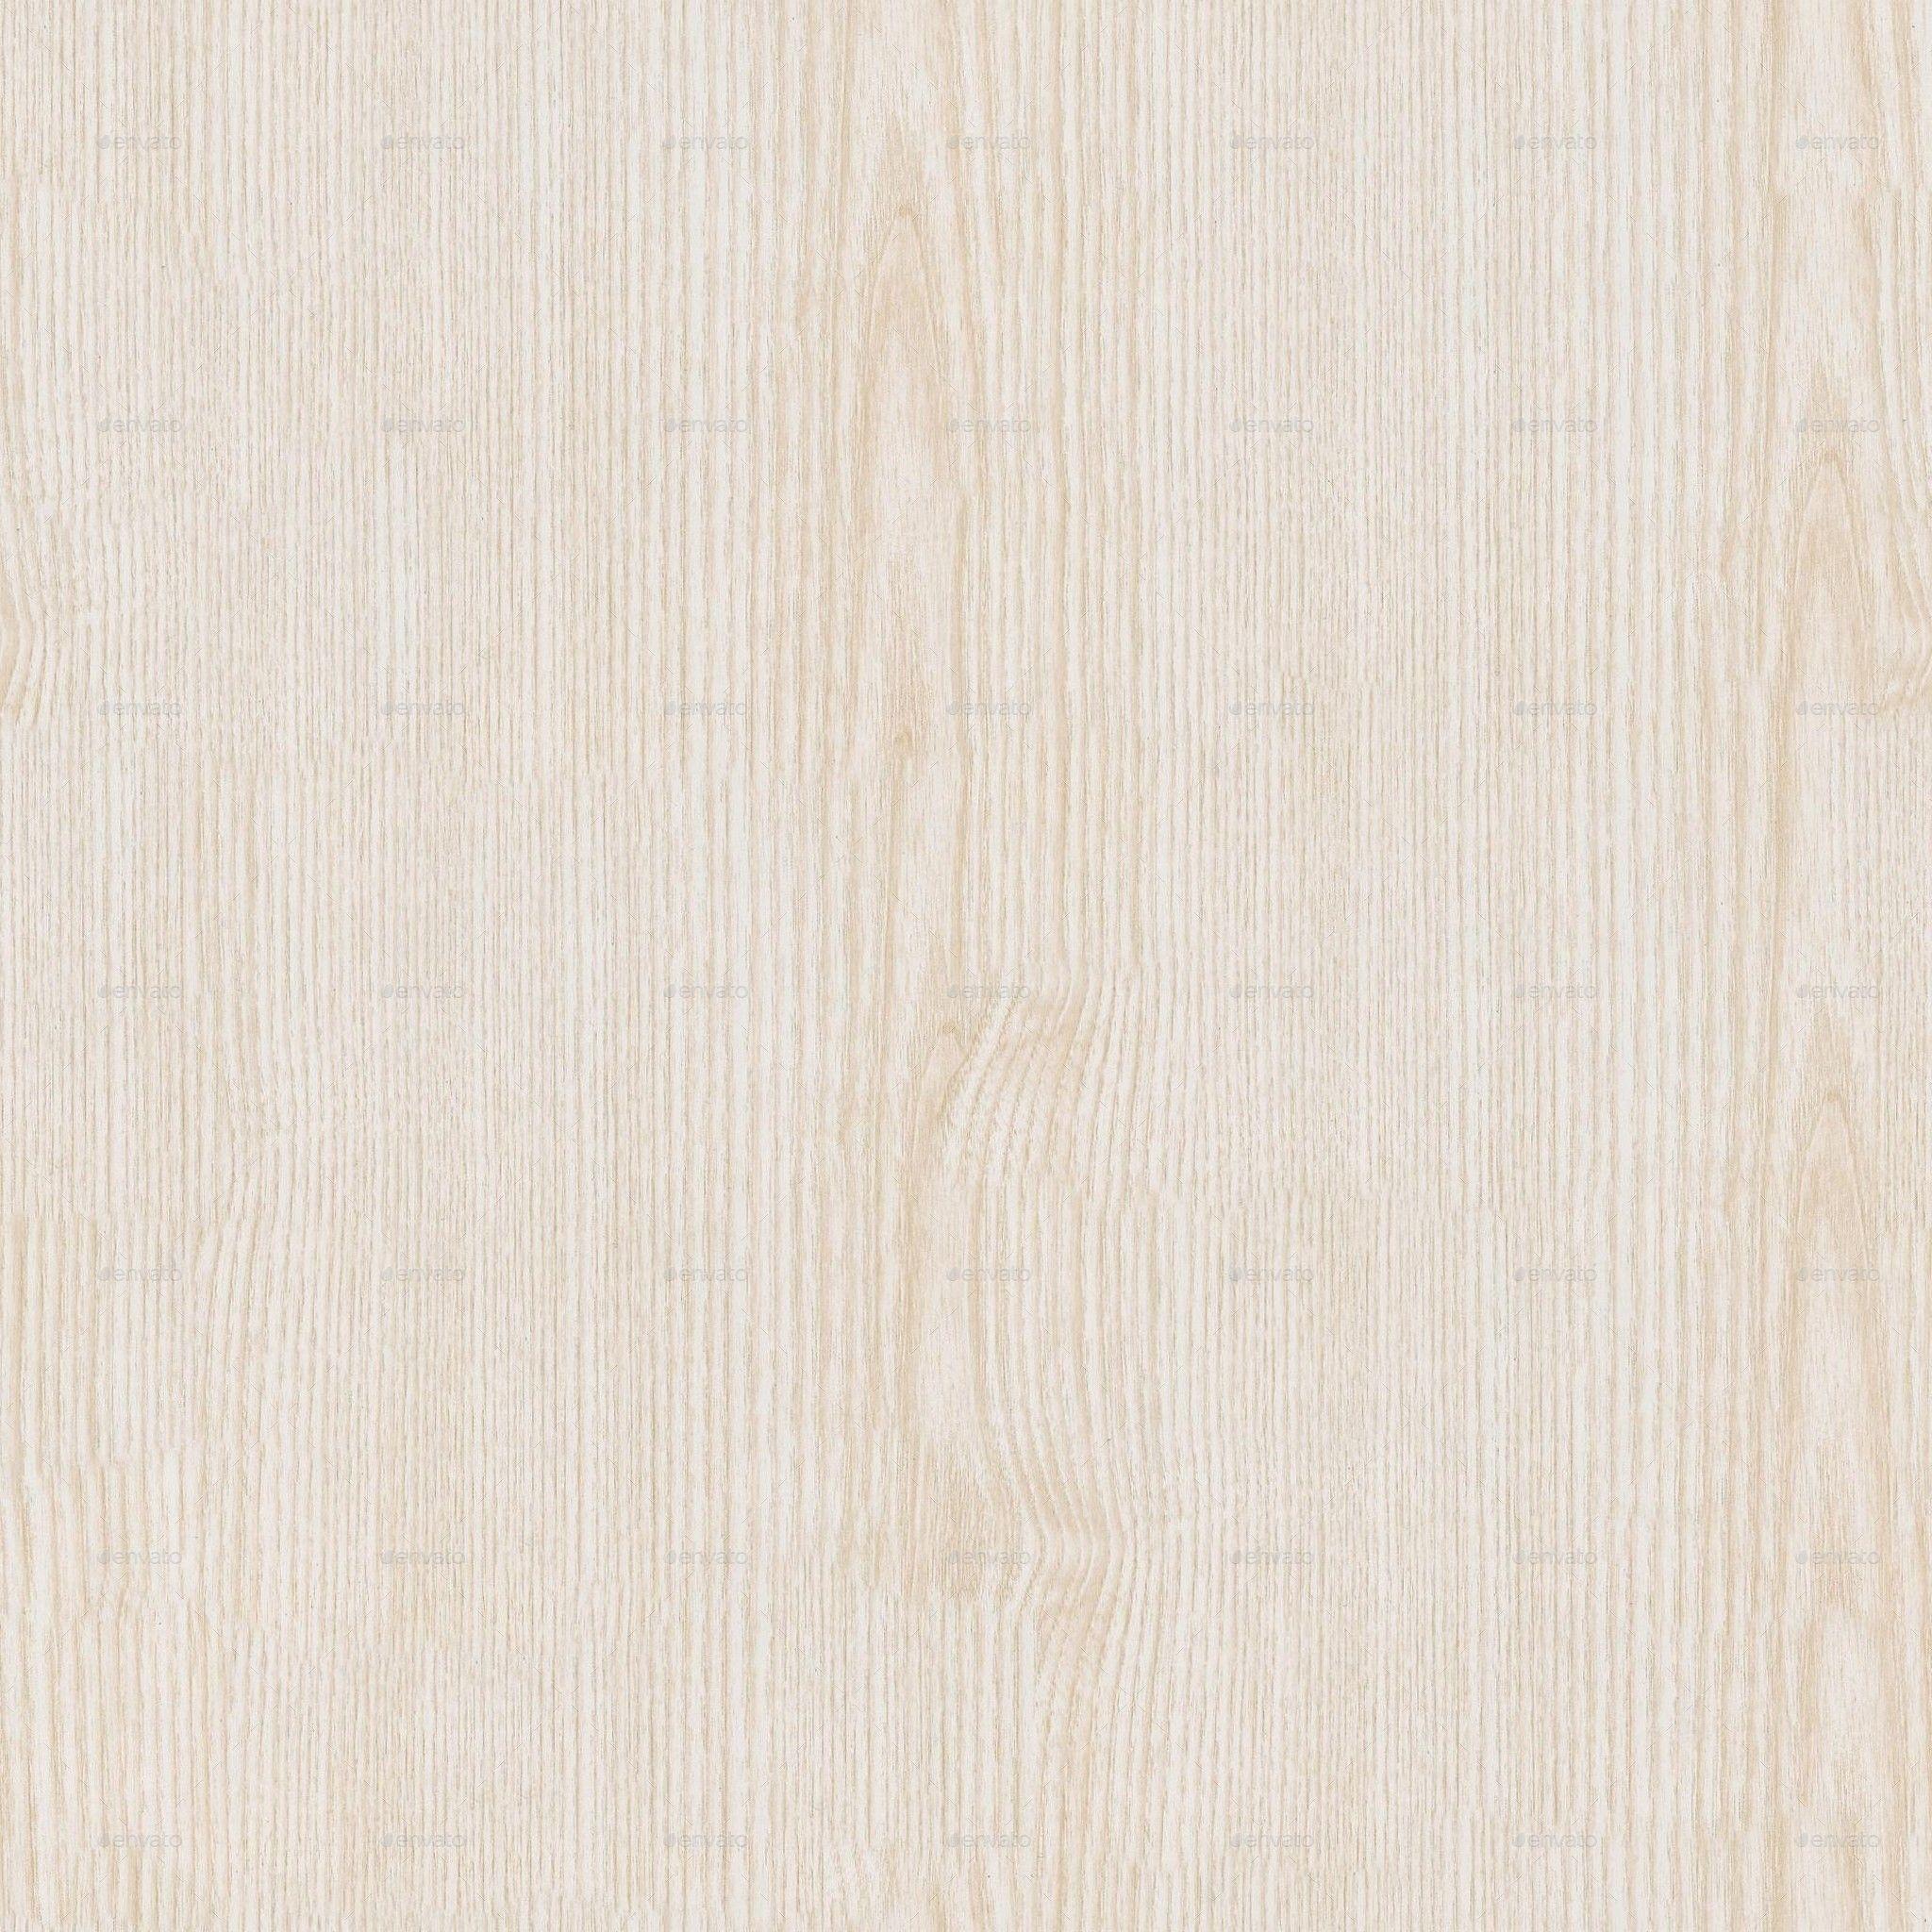 Plywood Seamless Texture Set Volume 1 Seamless Plywood